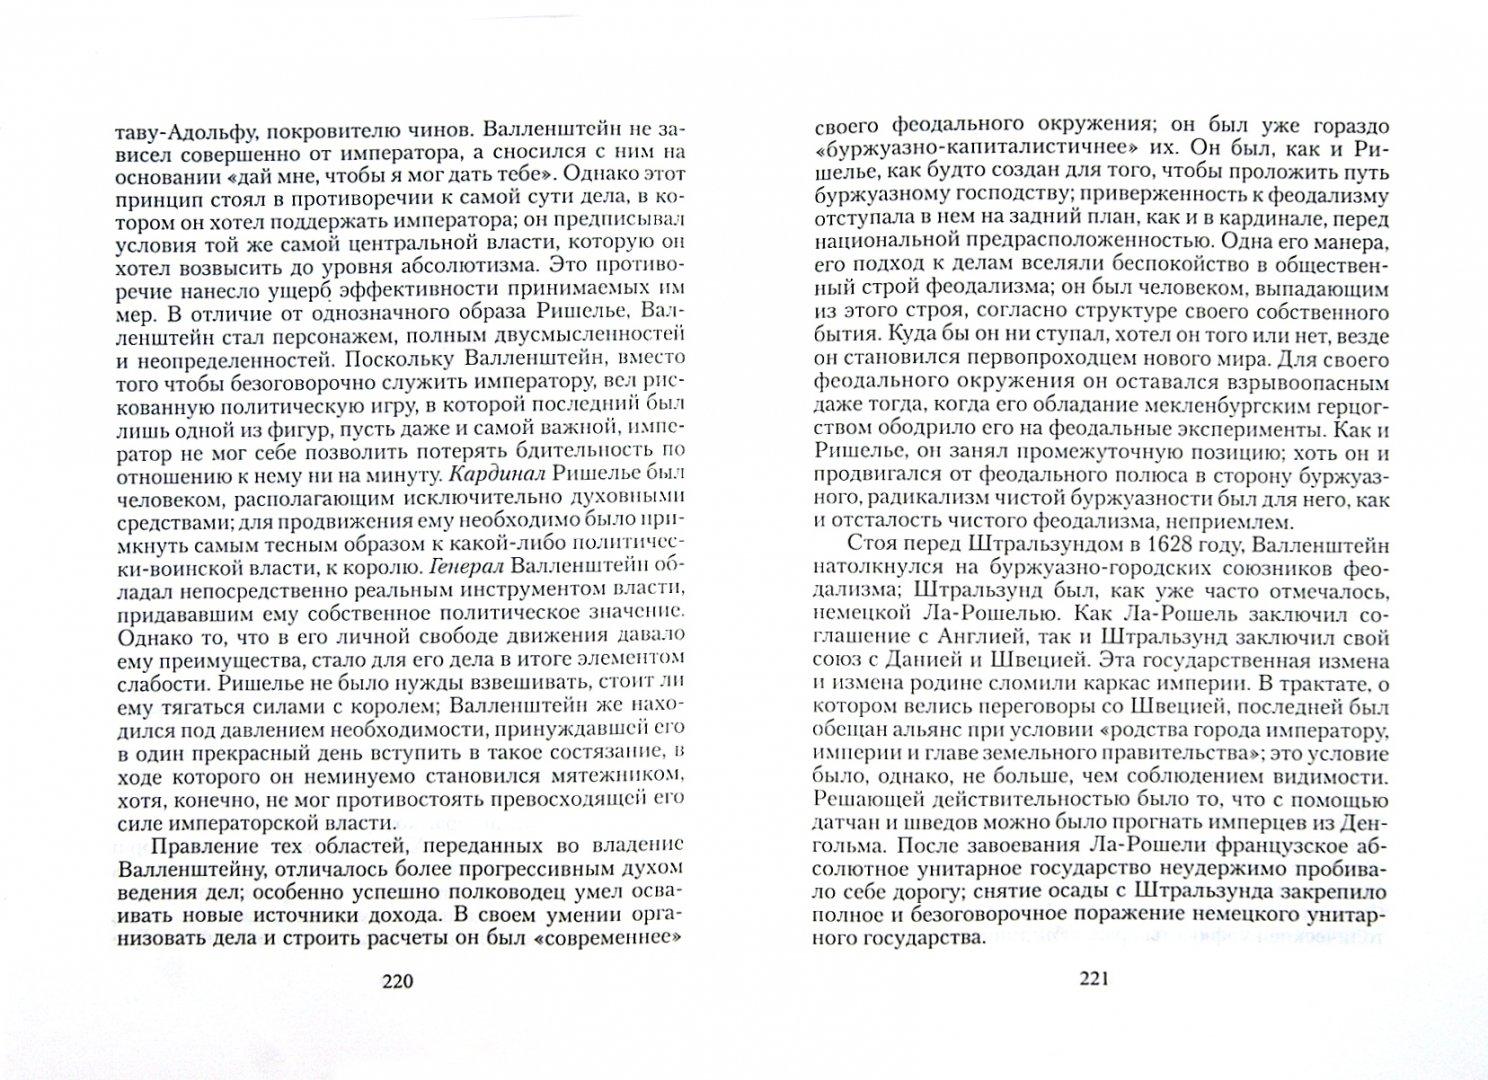 Иллюстрация 1 из 6 для Политические сочинения - Эрнст Никиш   Лабиринт - книги. Источник: Лабиринт